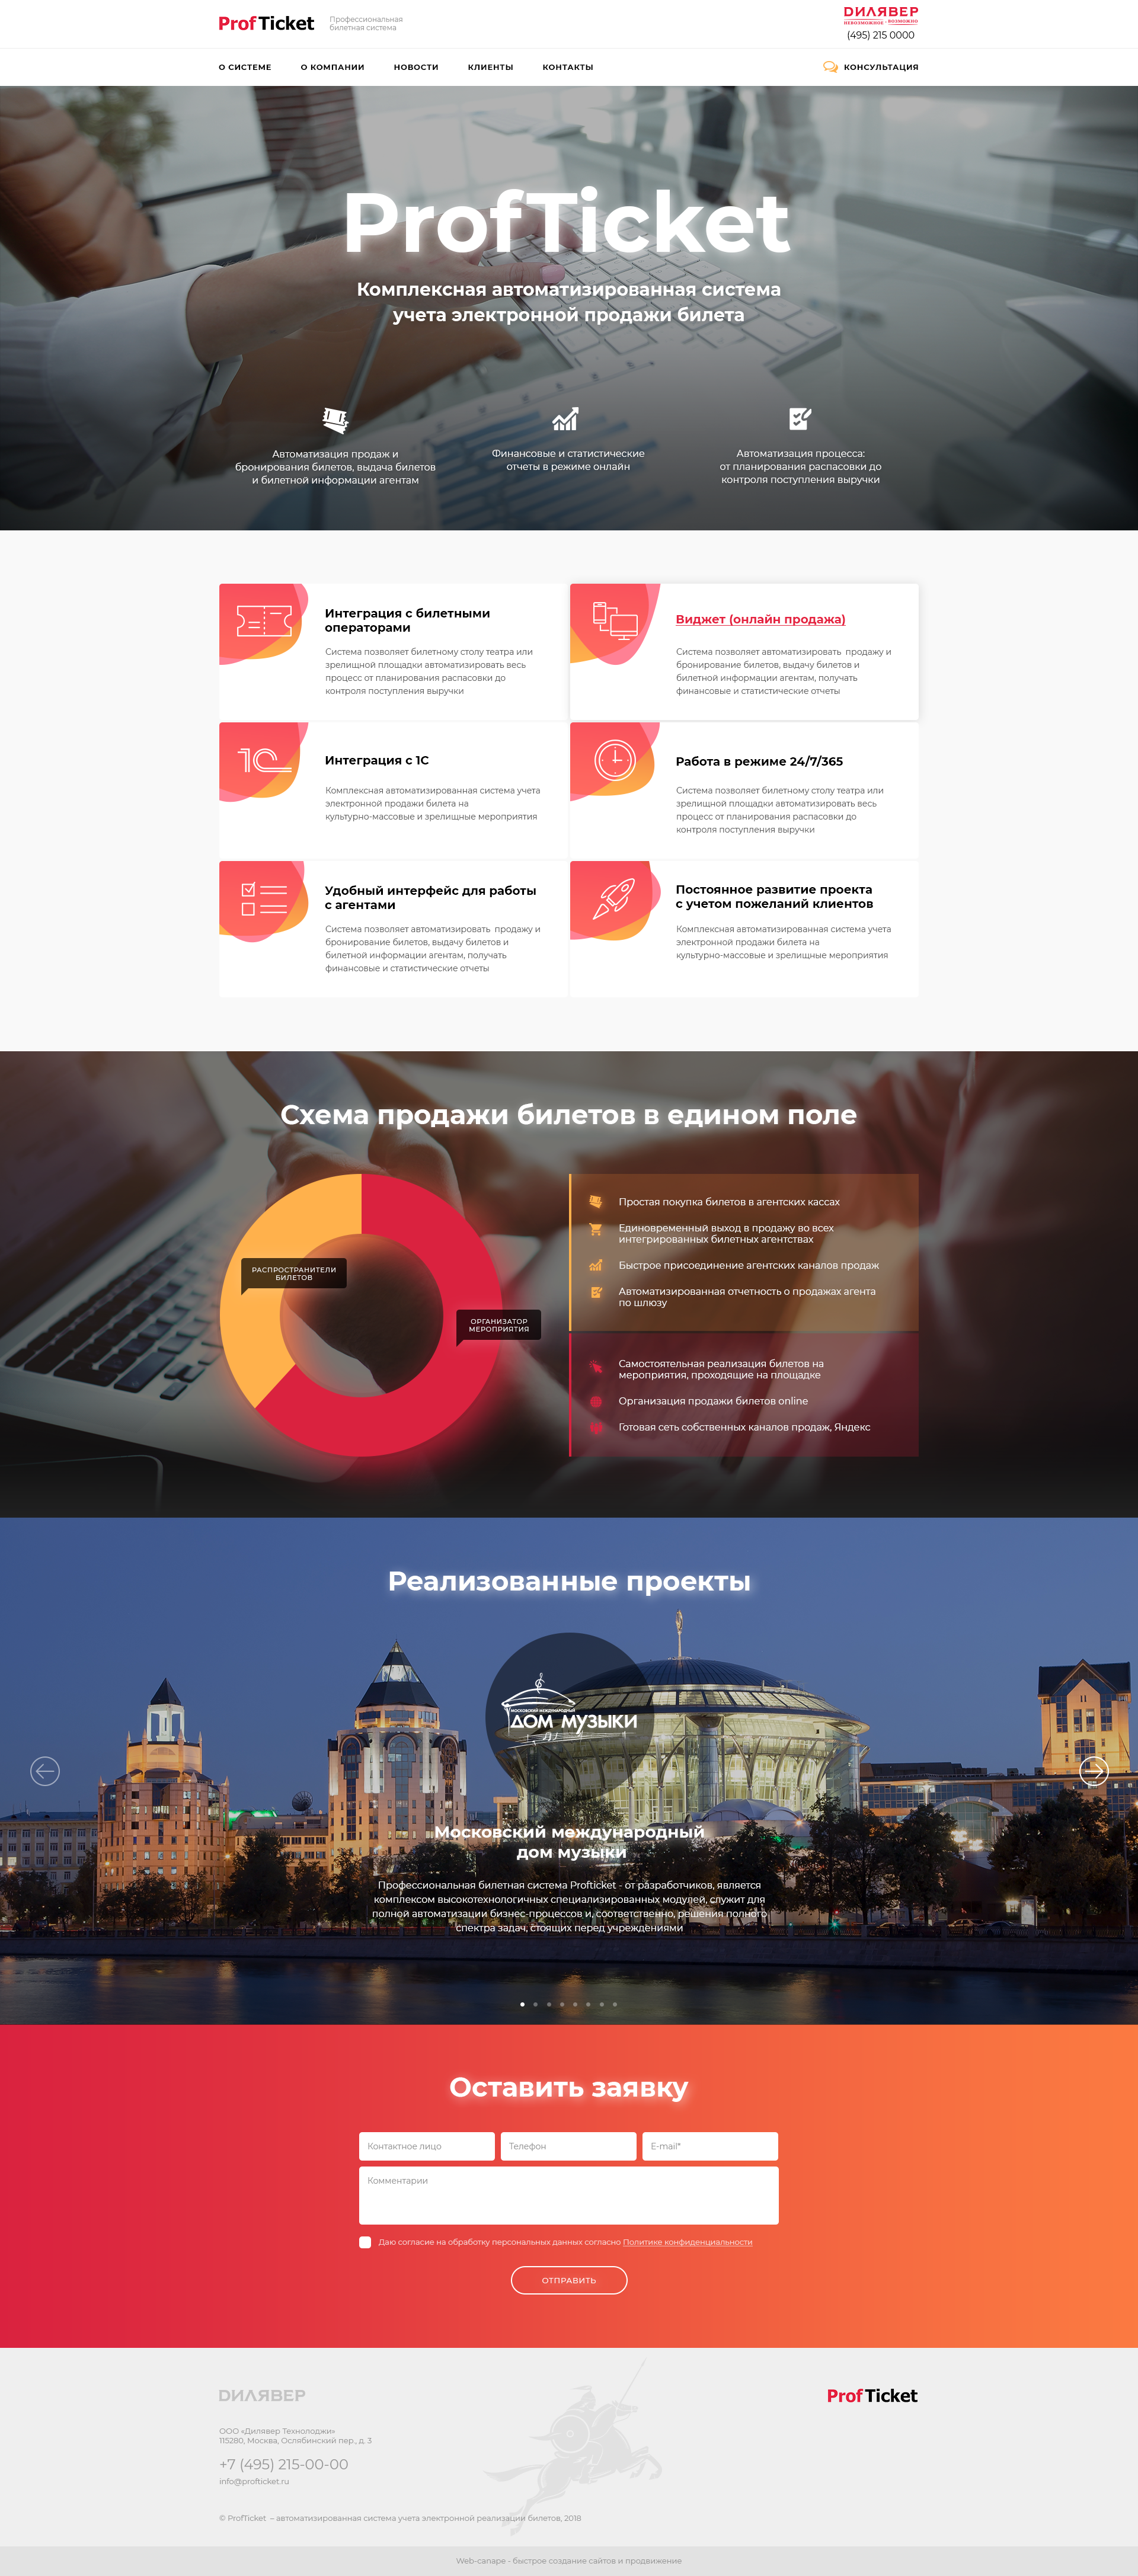 Разработка сайта для билетной системы Profticket